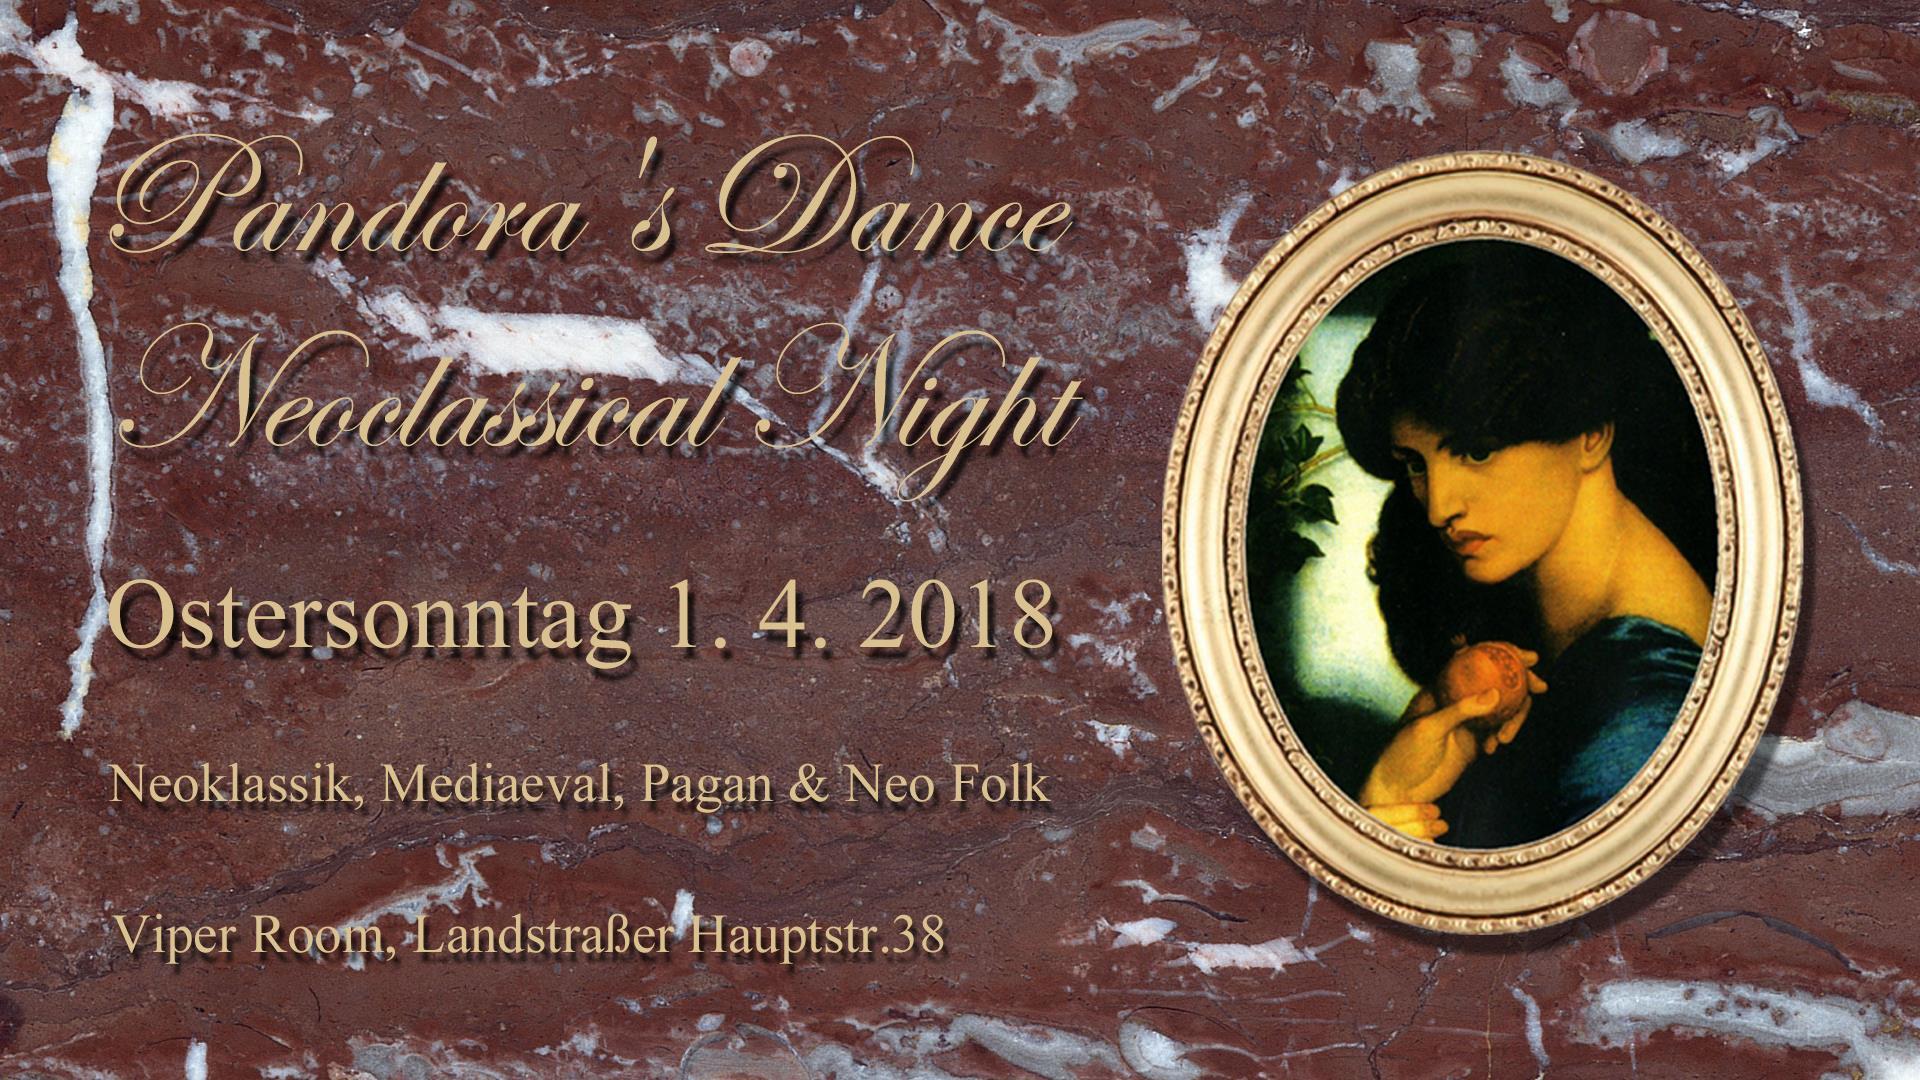 Pandora's Dance - Neoclassical Night